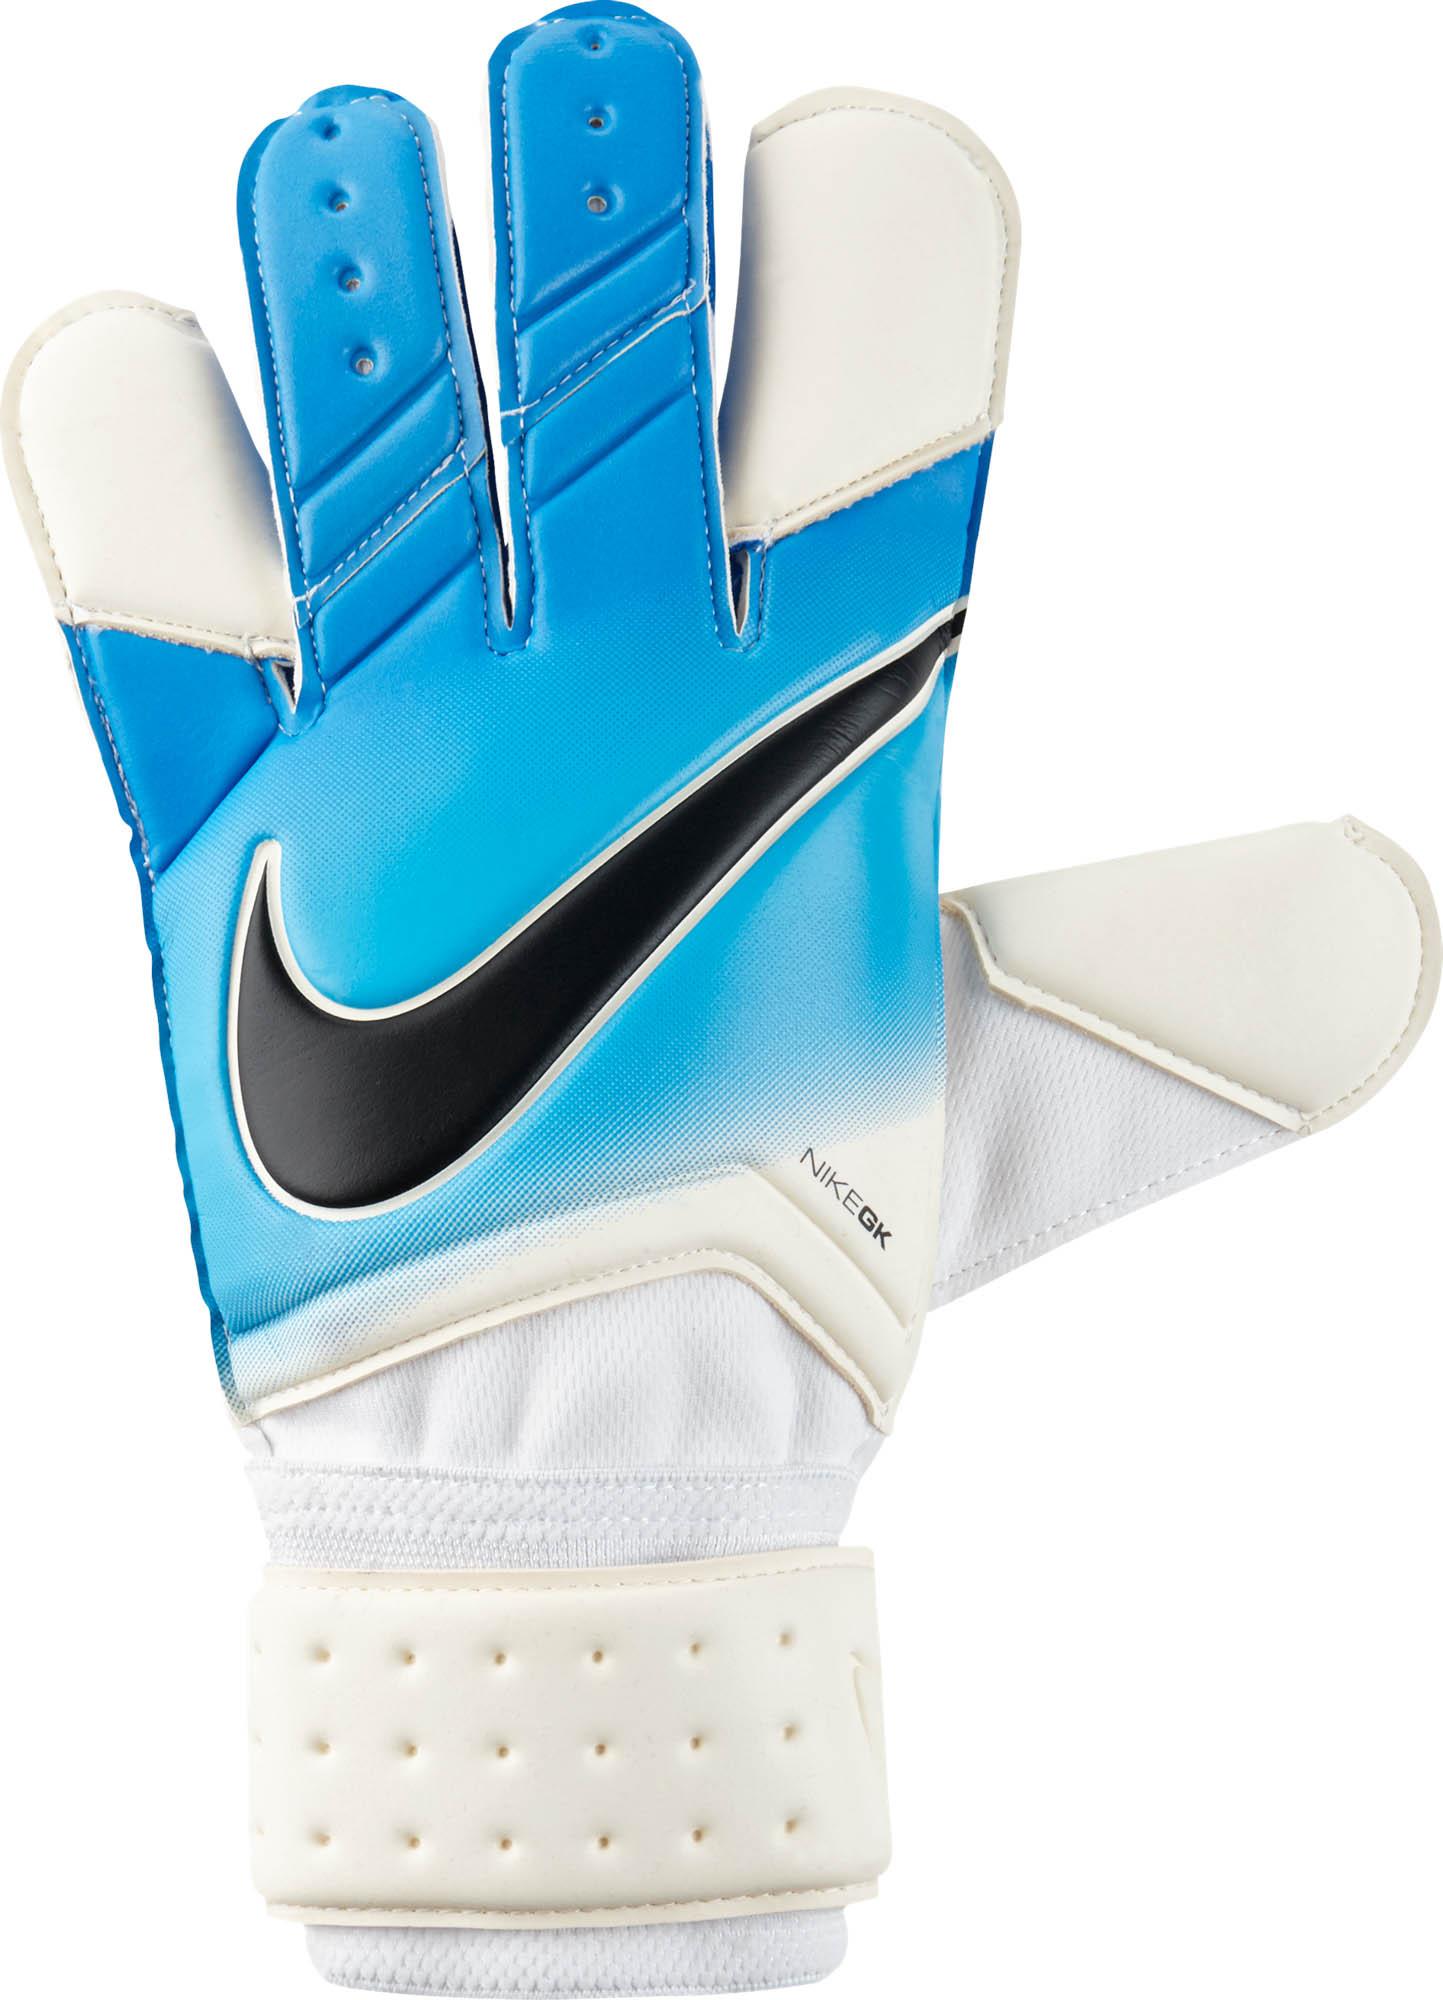 Nike Vapor Grip 3 Goalkeeper Glove White Goalie Gloves